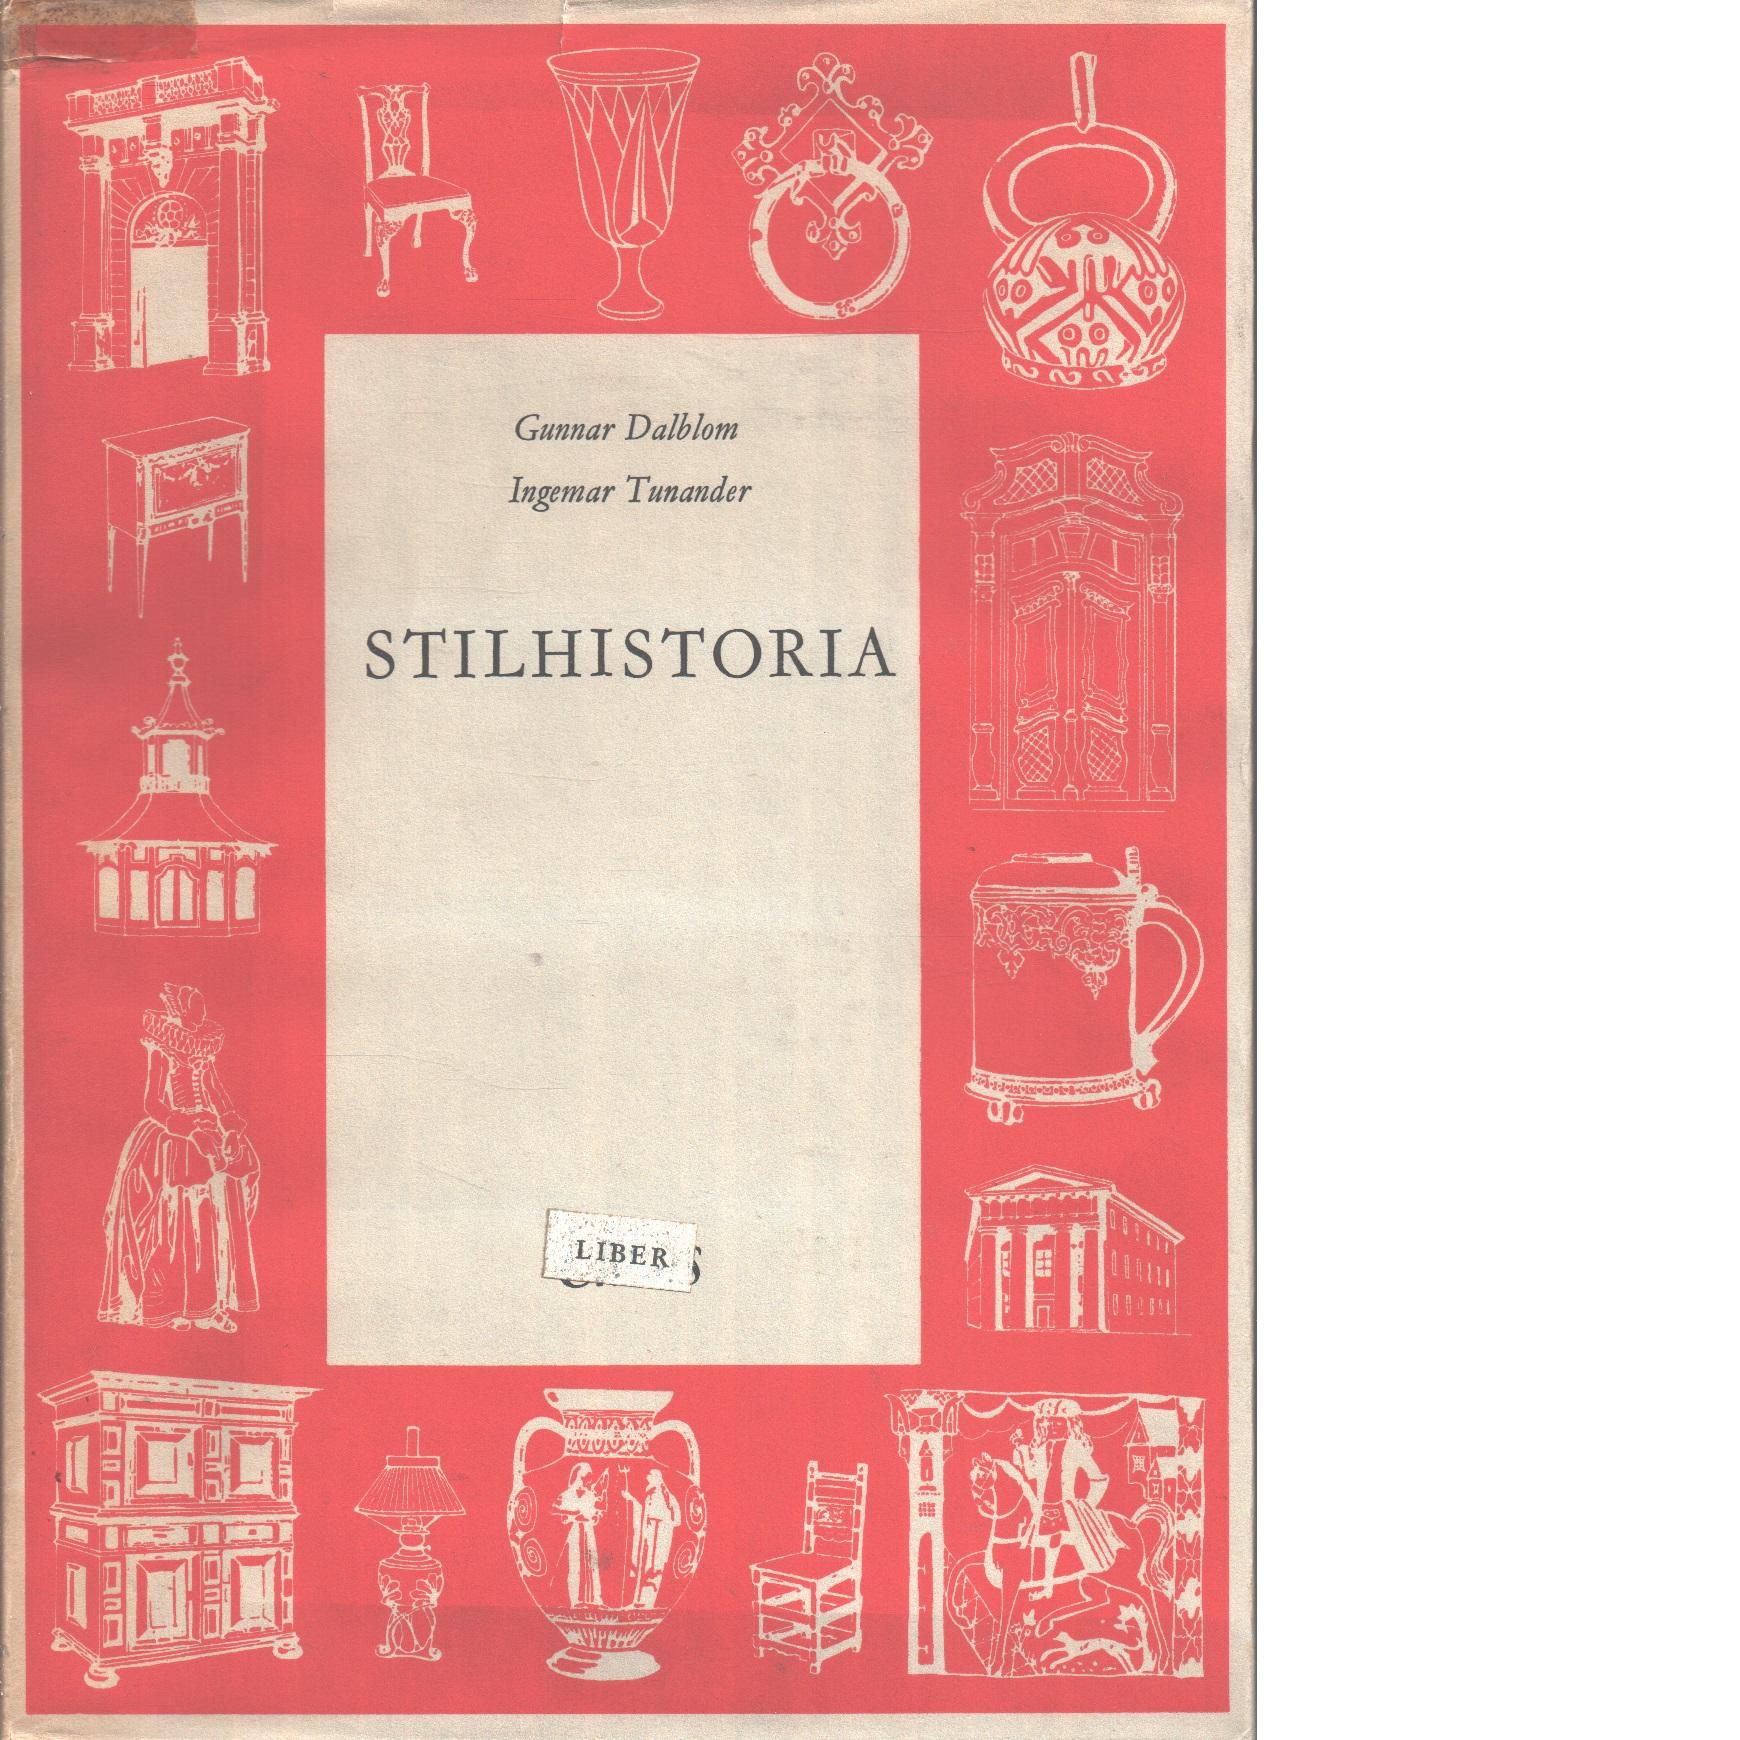 Stilhistoria - Dalblom, Gunnar Och Tunander, Ingemar